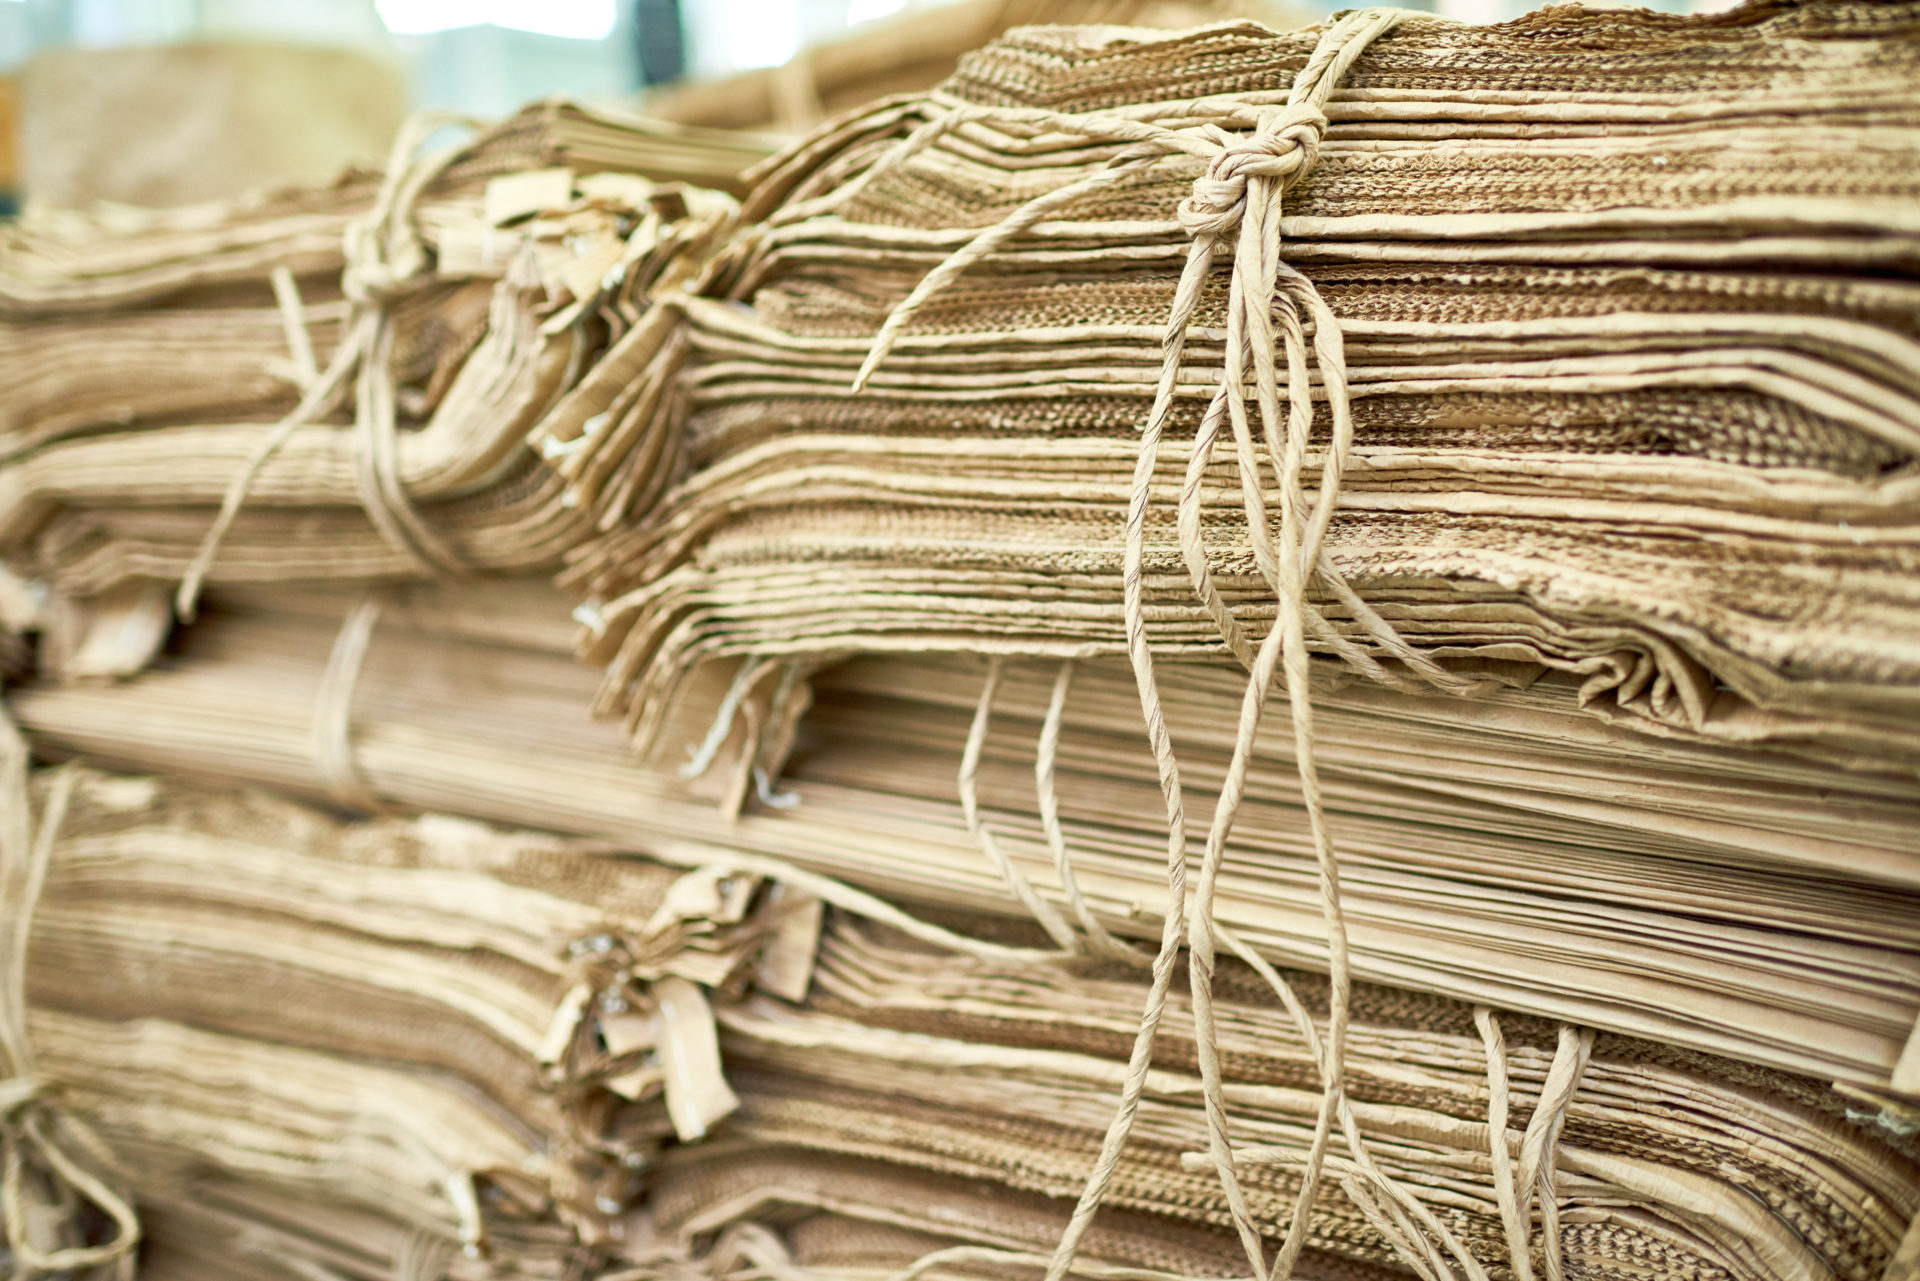 Sustainable cardboard packaging